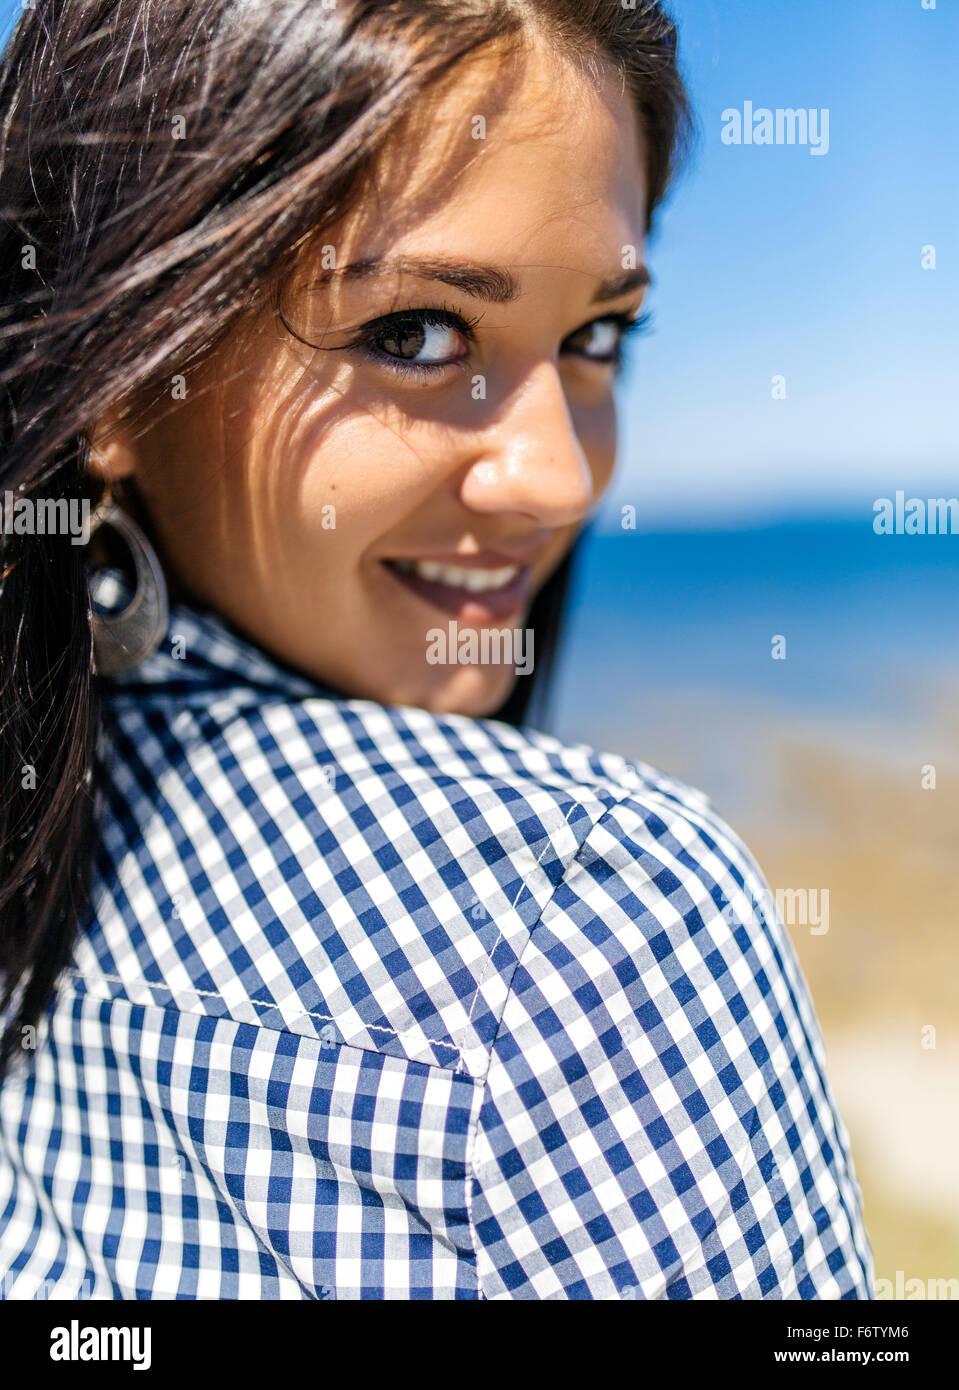 Retrato de una adolescente atractivo Imagen De Stock